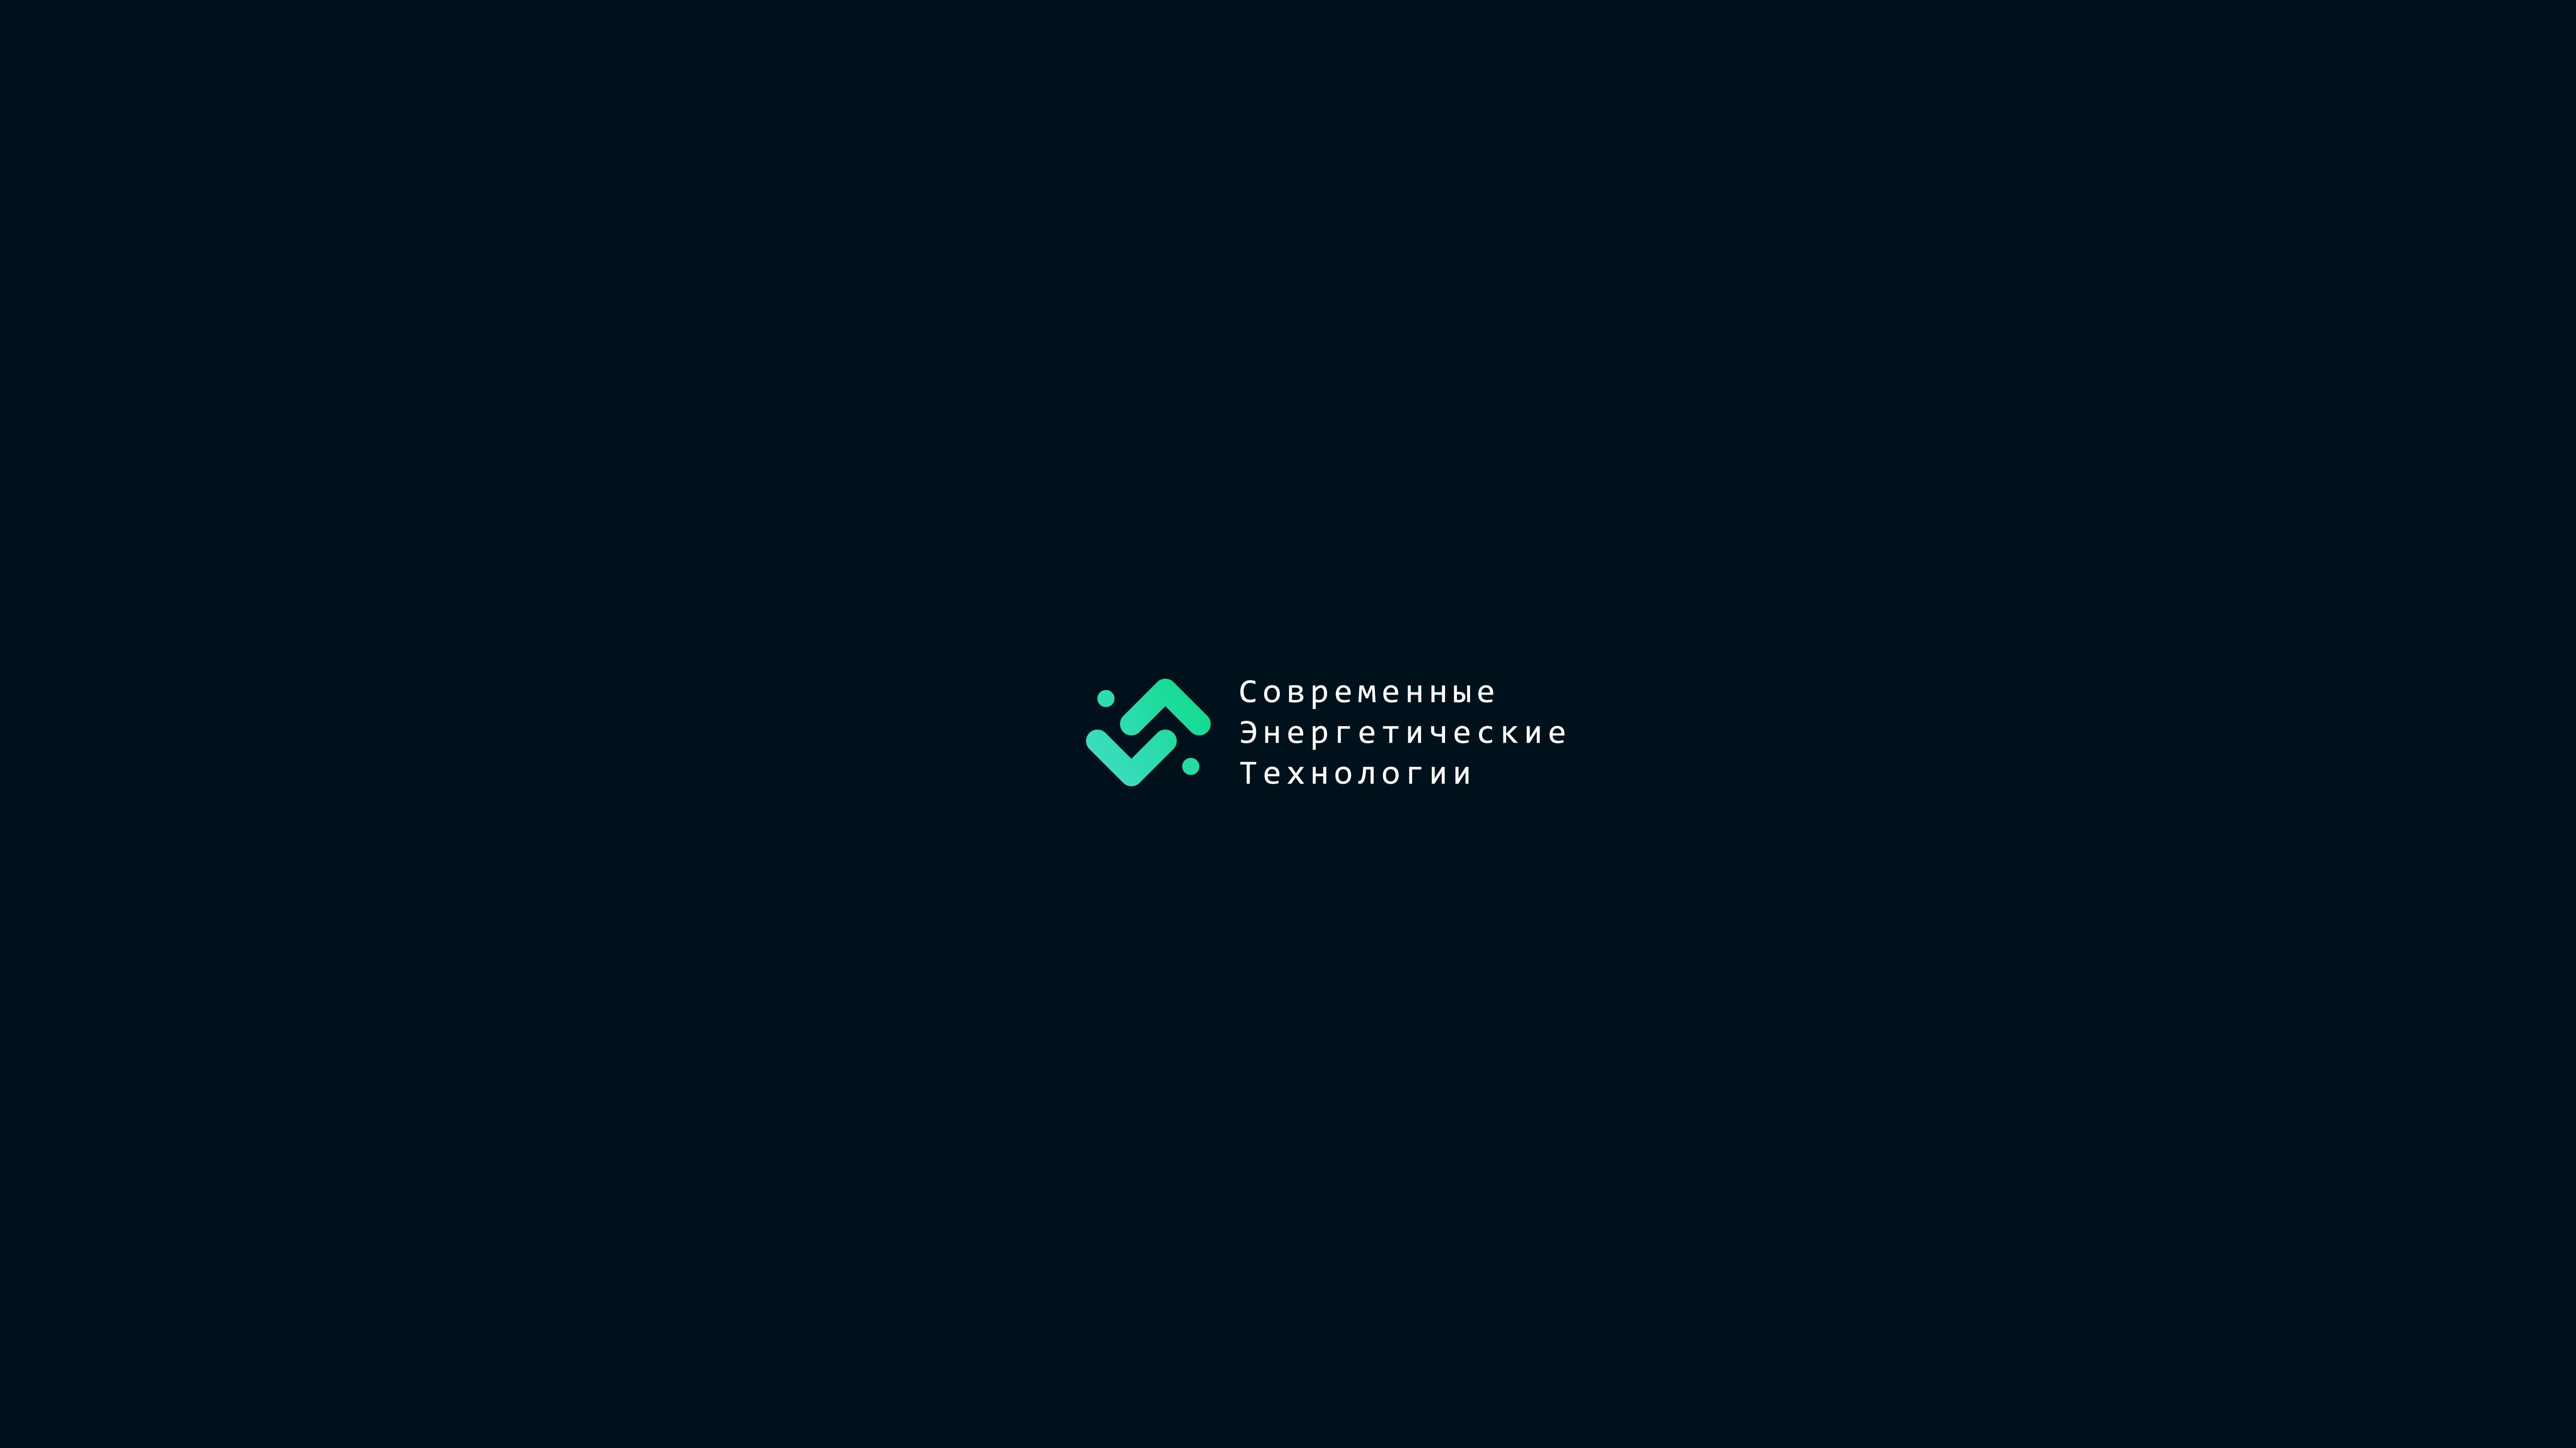 Срочно! Дизайн логотипа ООО «СЭТ» фото f_8435d52cfd38292c.png